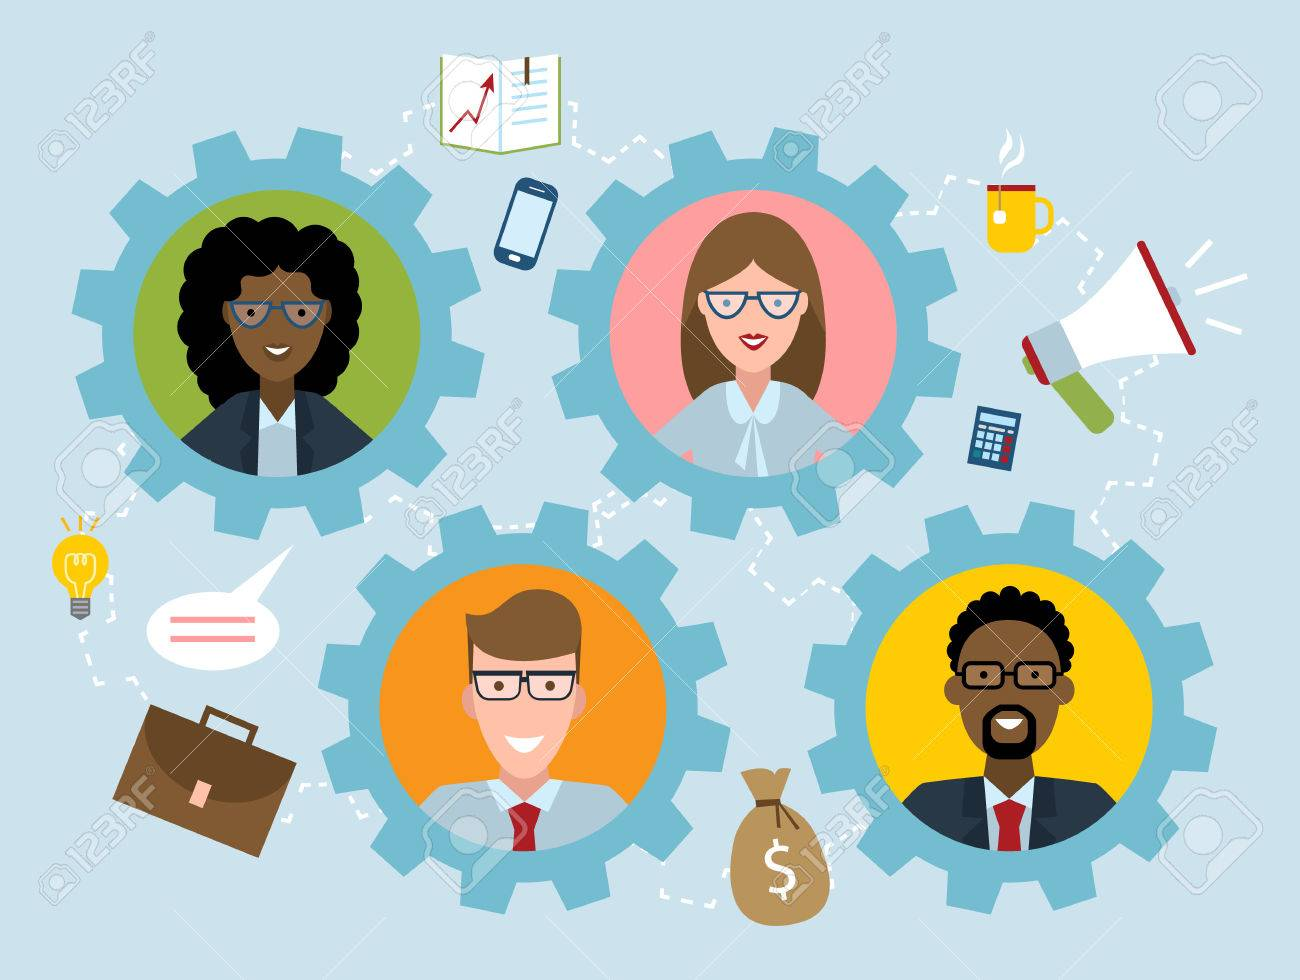 Các kỹ năng để làm một nhà nhân sự thành công